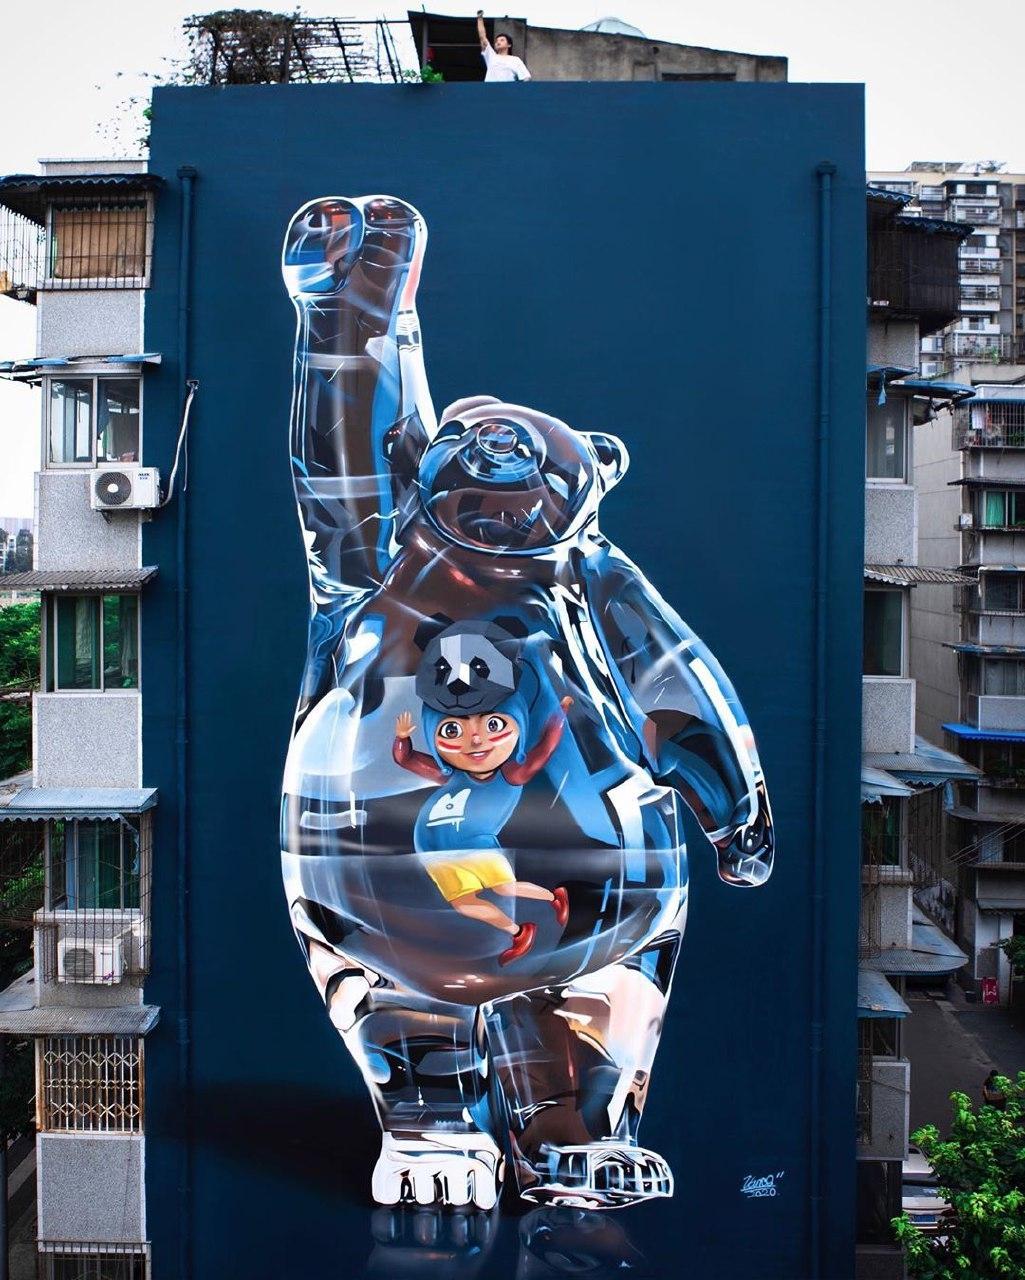 Vance @ Chengdu, China